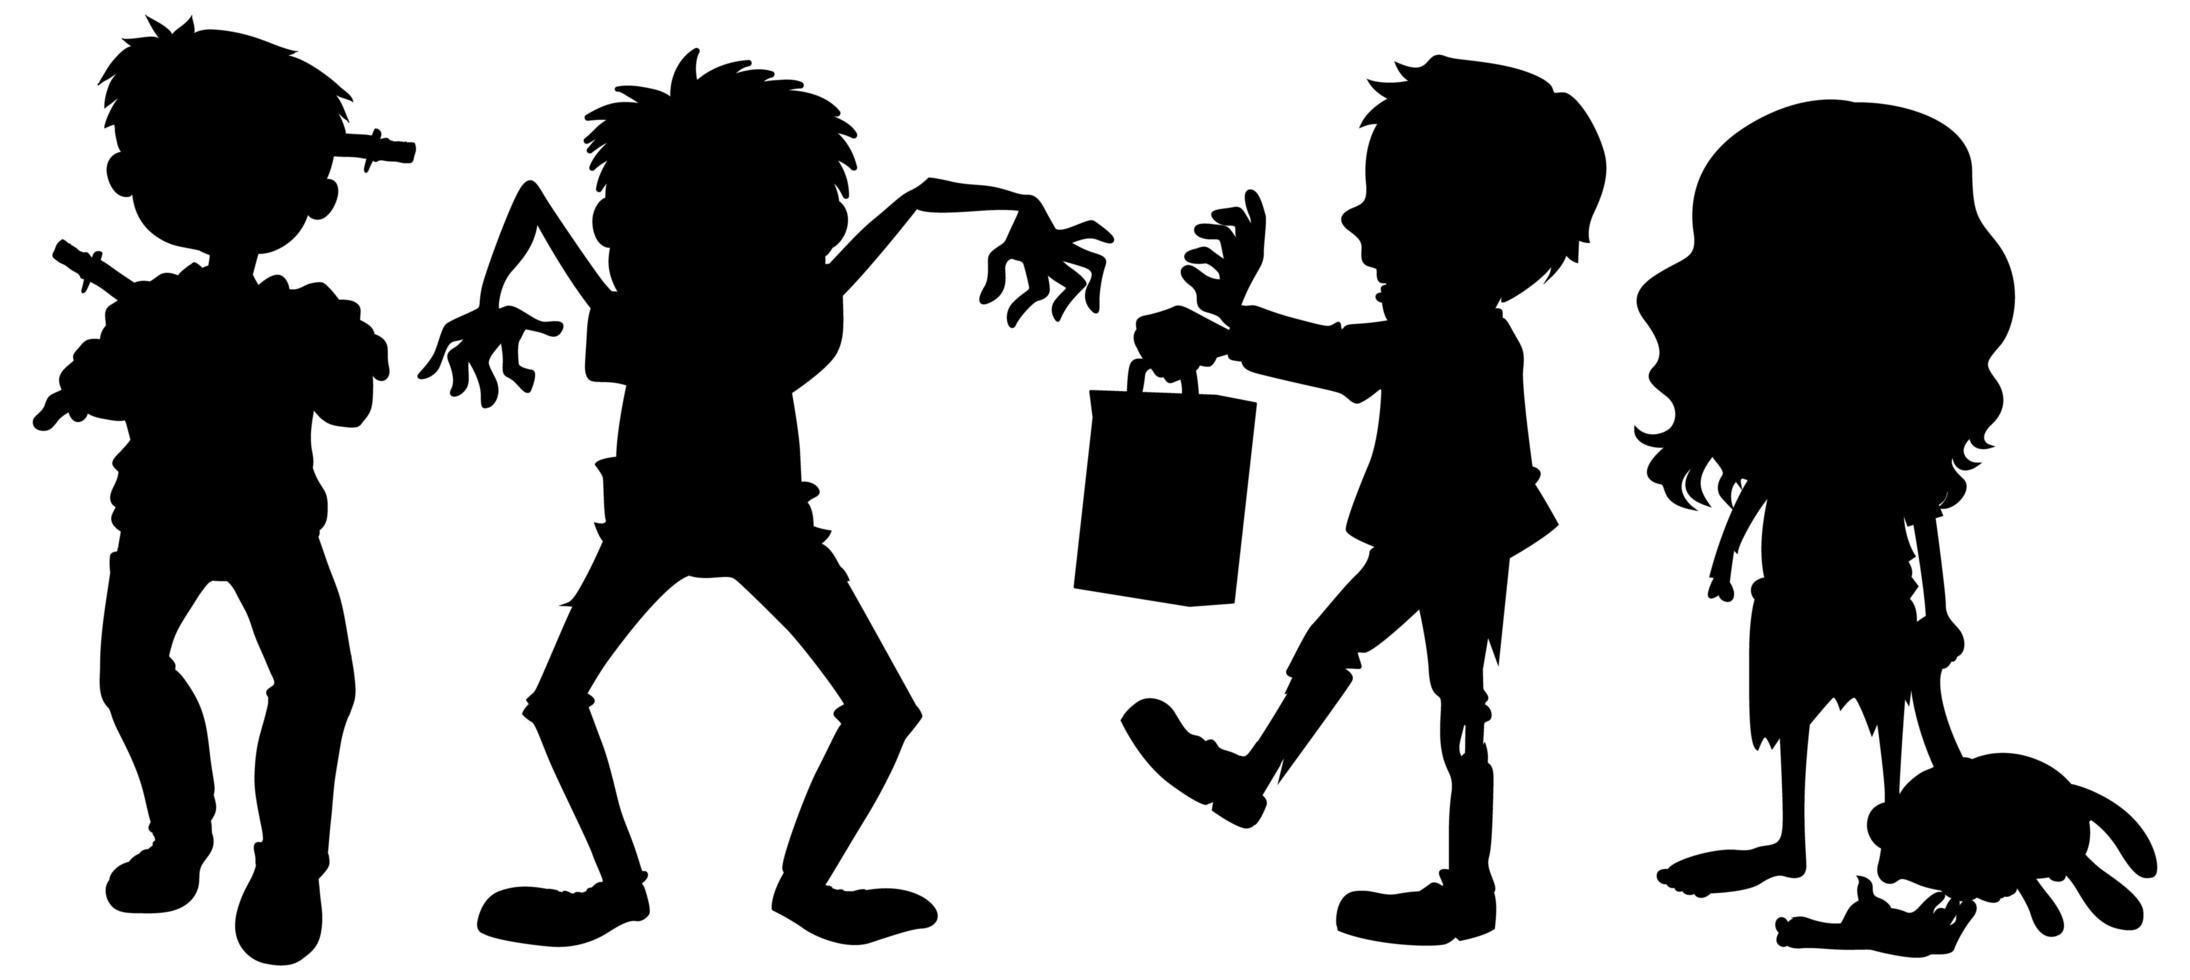 Zombies in der Silhouette auf weißem Hintergrund vektor